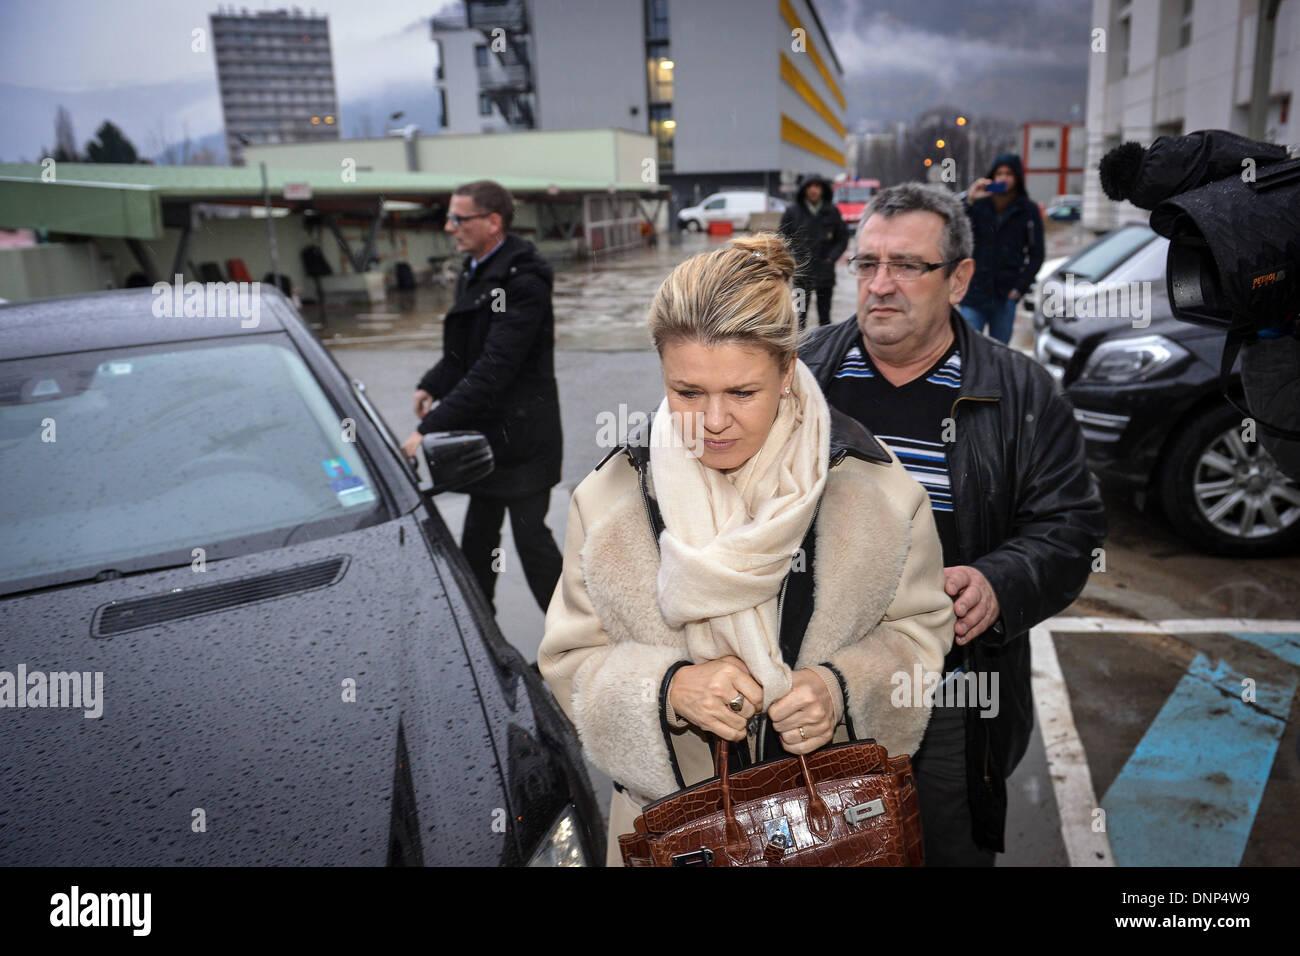 Grenoble Frankreich 3 Januar 2014 Corinna Schumacher Frau Des Pensionierten Deutschen Formel1 Rennfahrer Michael Schumacher Kommt Am Centre Hospitalier Universitaire Chu Hospital In Grenoble In Der Nahe Von Den Franzosischen Alpen Frankreich